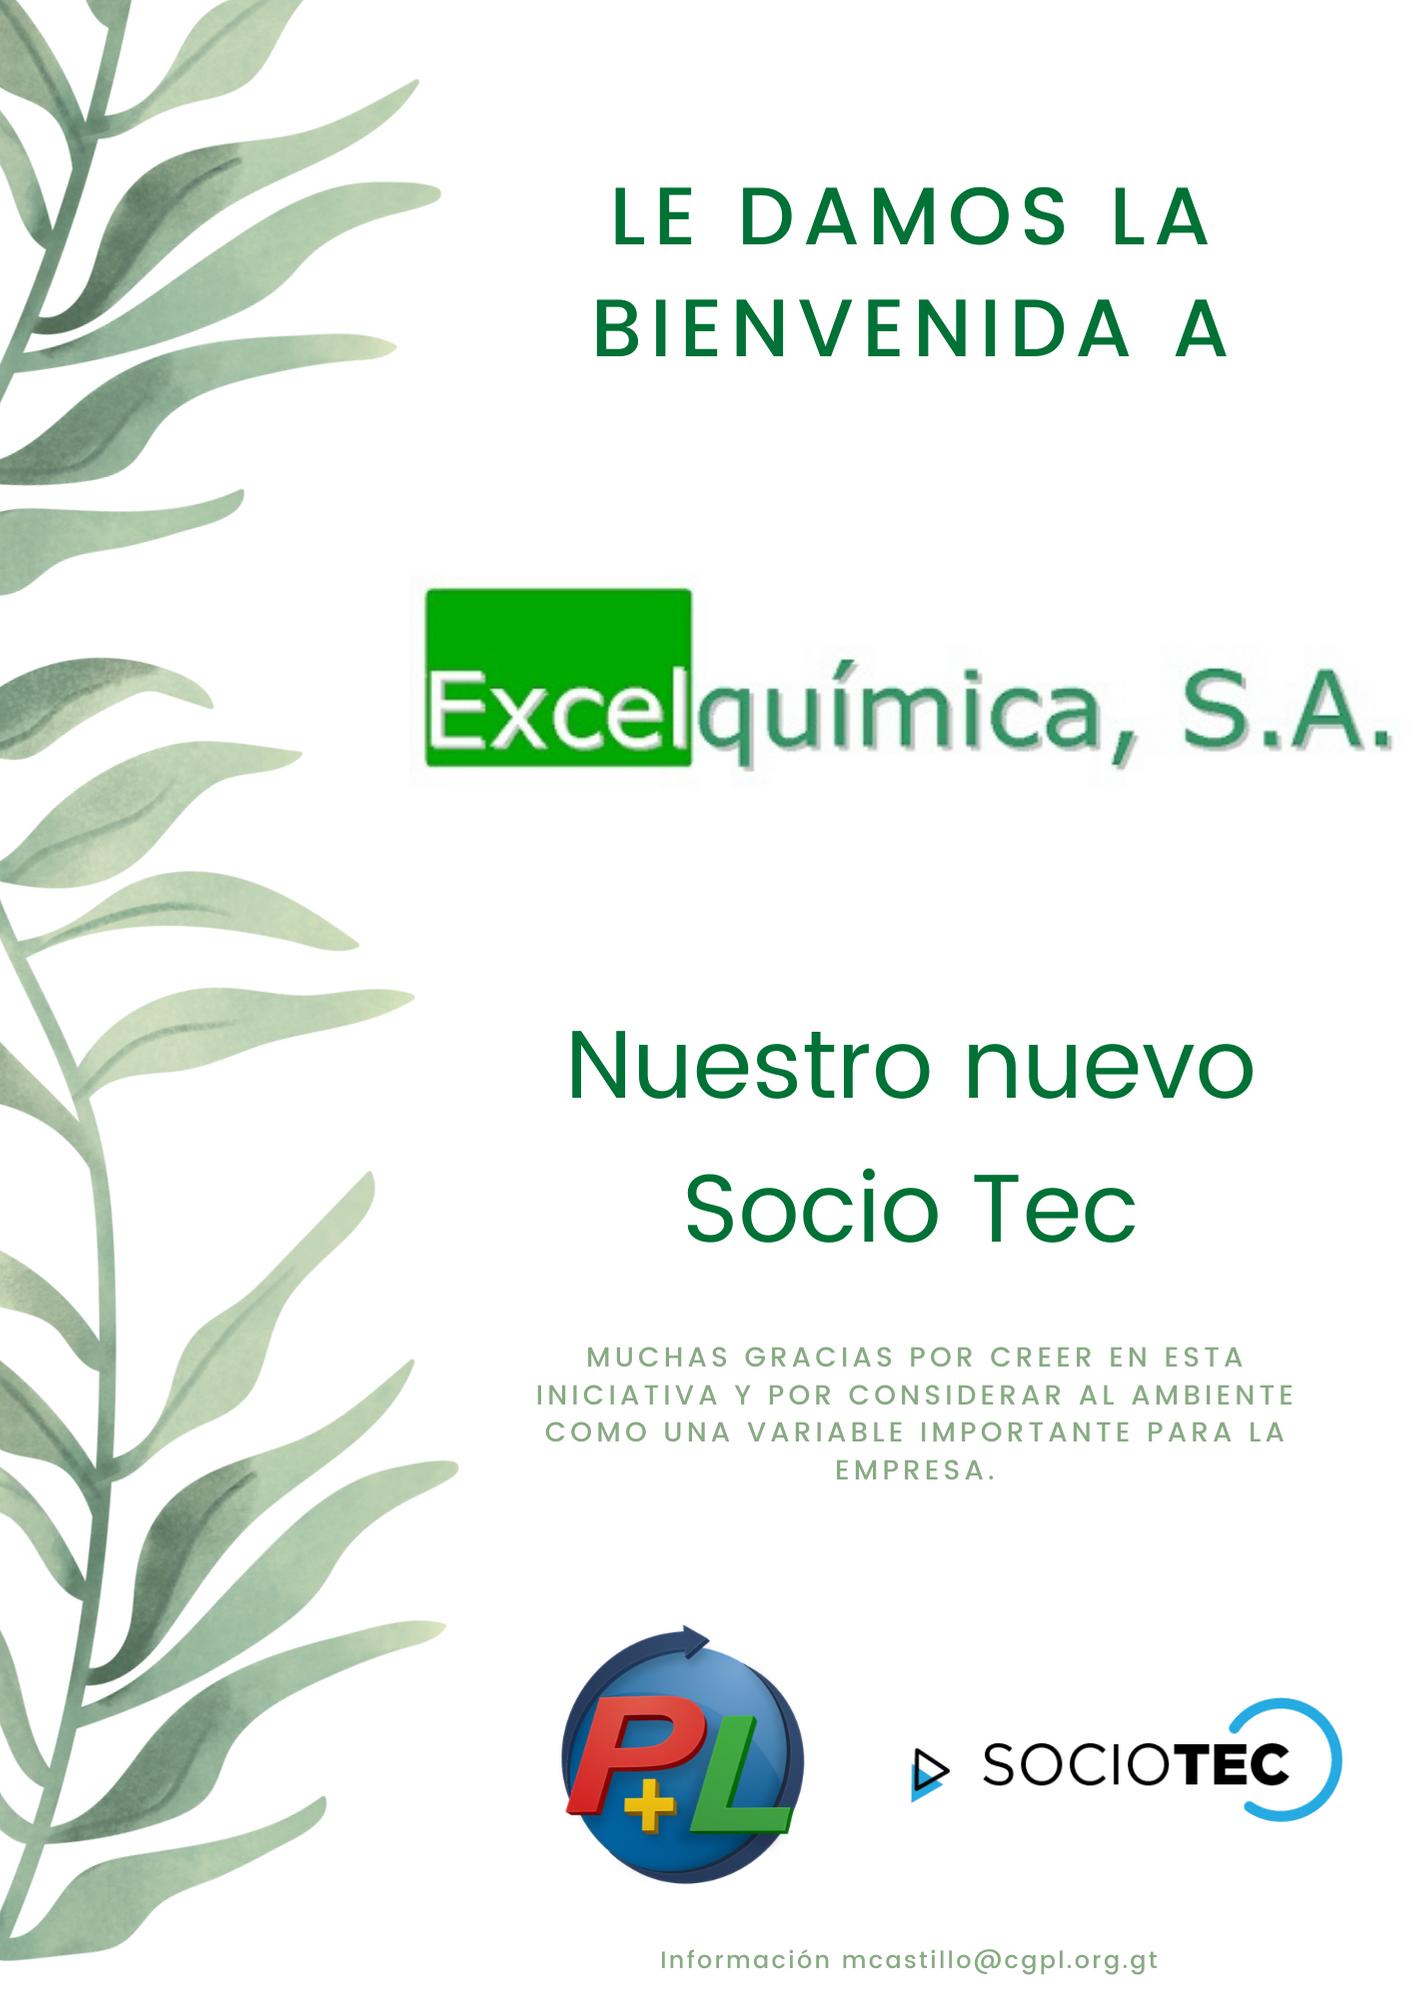 Le Damos La Bienvenida A Nuestro Nuevo Socio Tec, Excelquímica